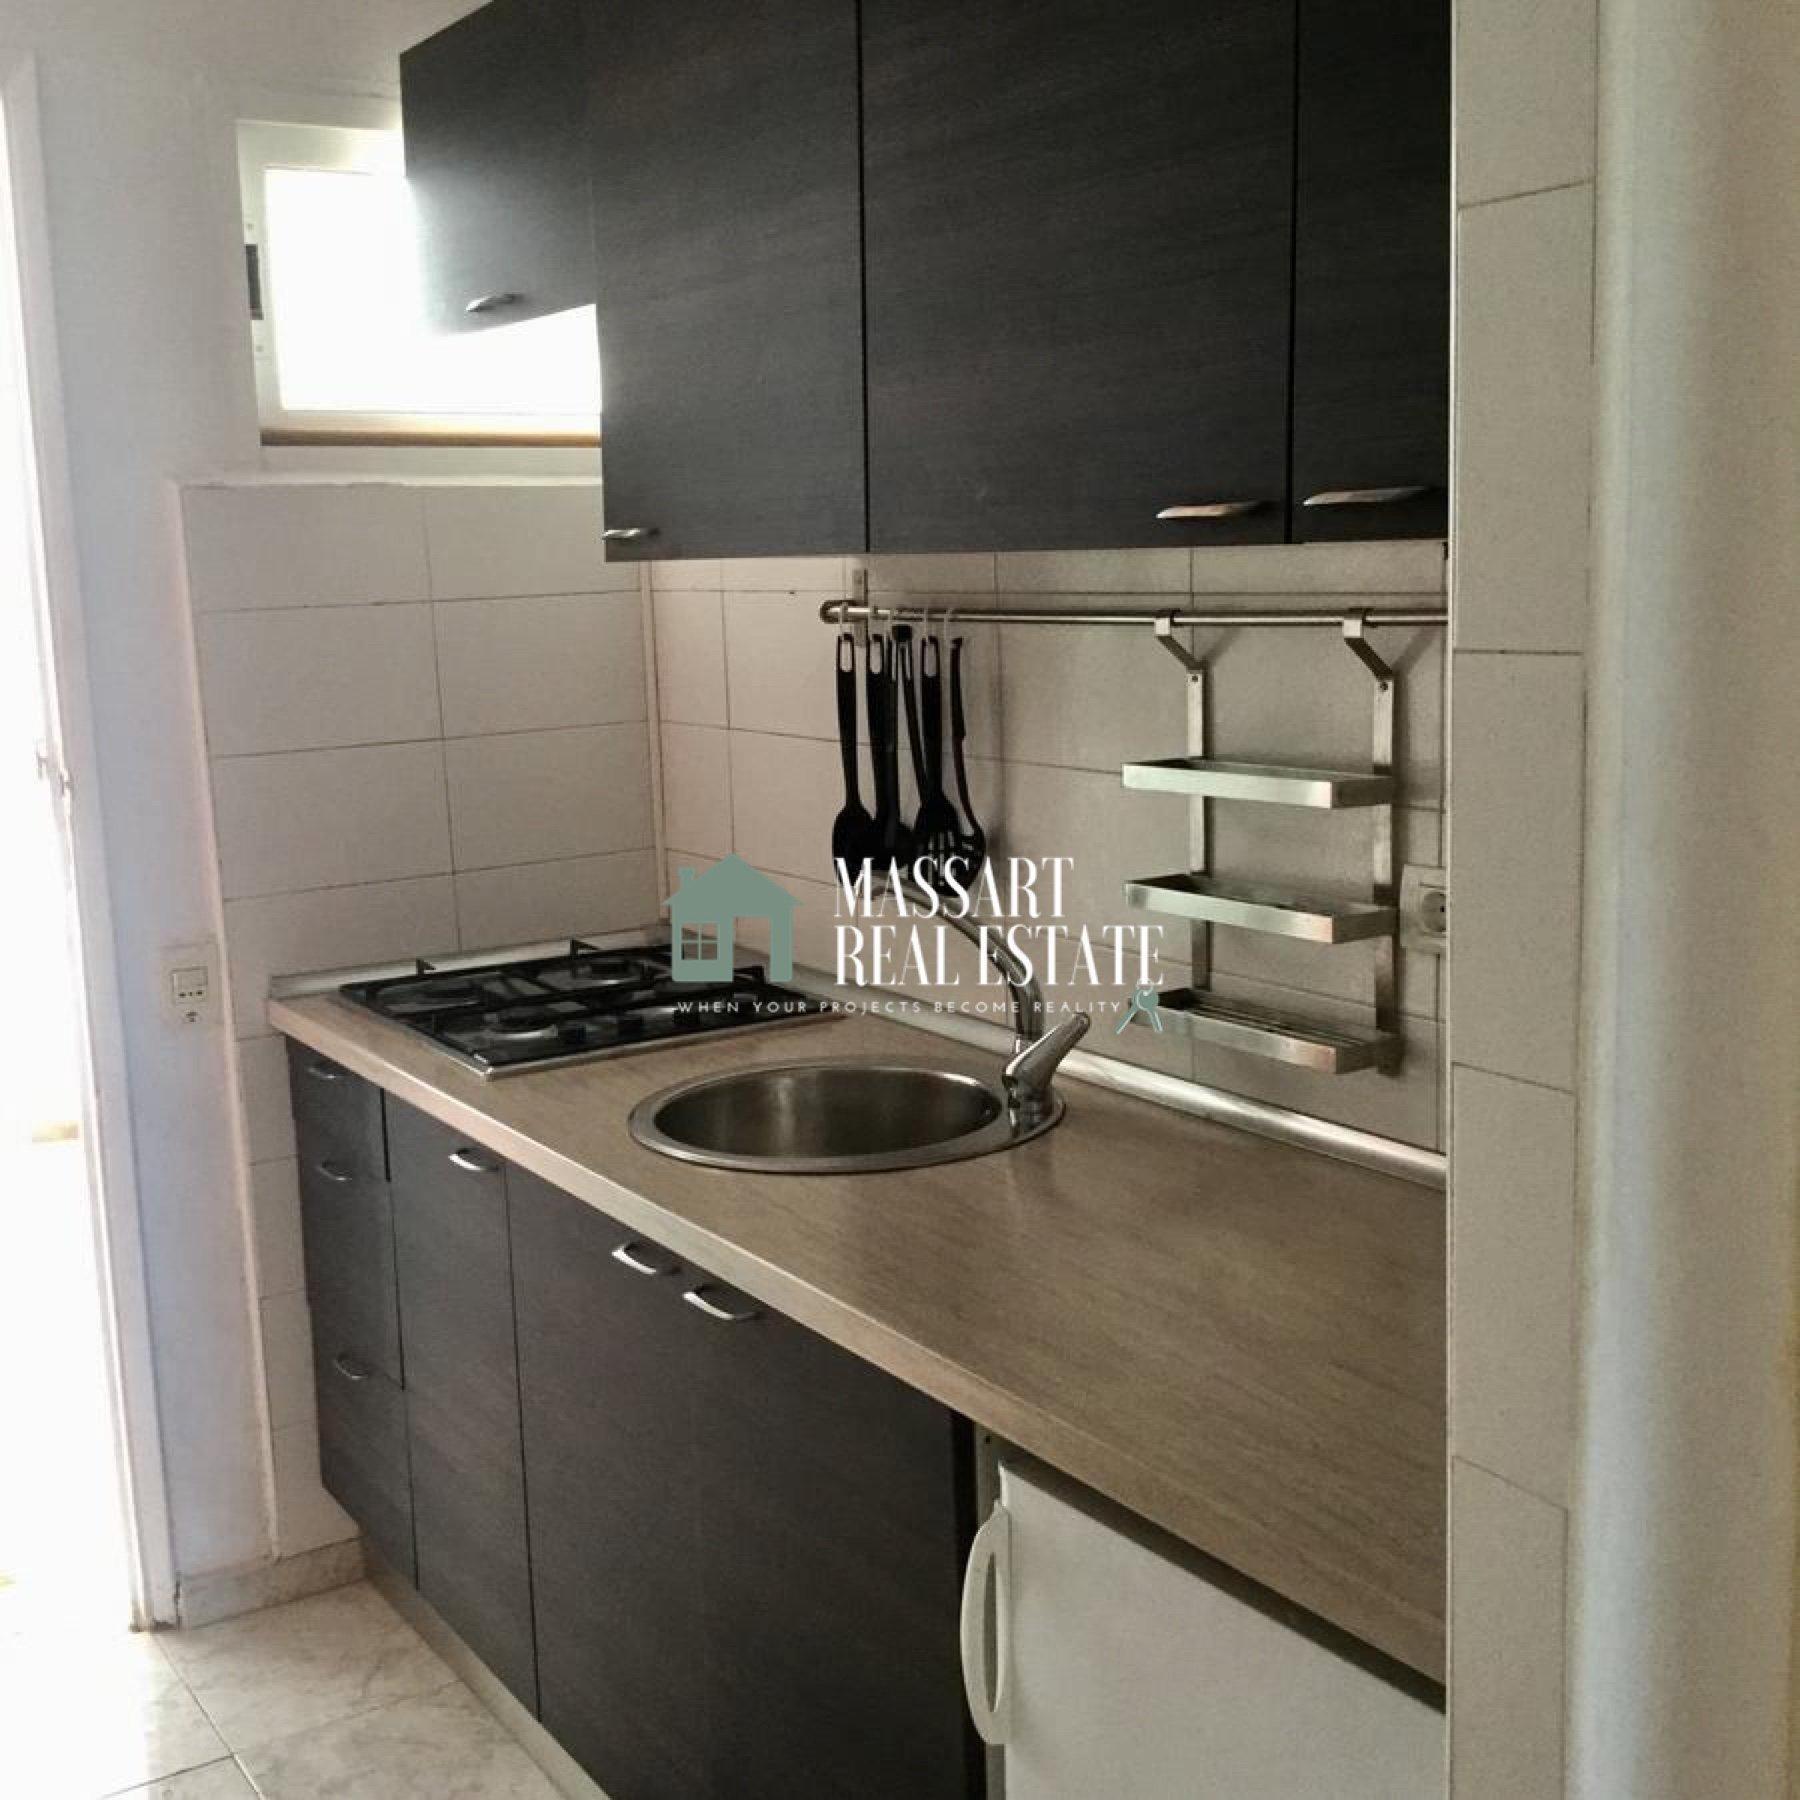 In vendita nel centro della Costa del Silencio, nel complesso residenziale El Chaparral, uno studio di 40m2 recentemente rinnovato e pronto per essere goduto.